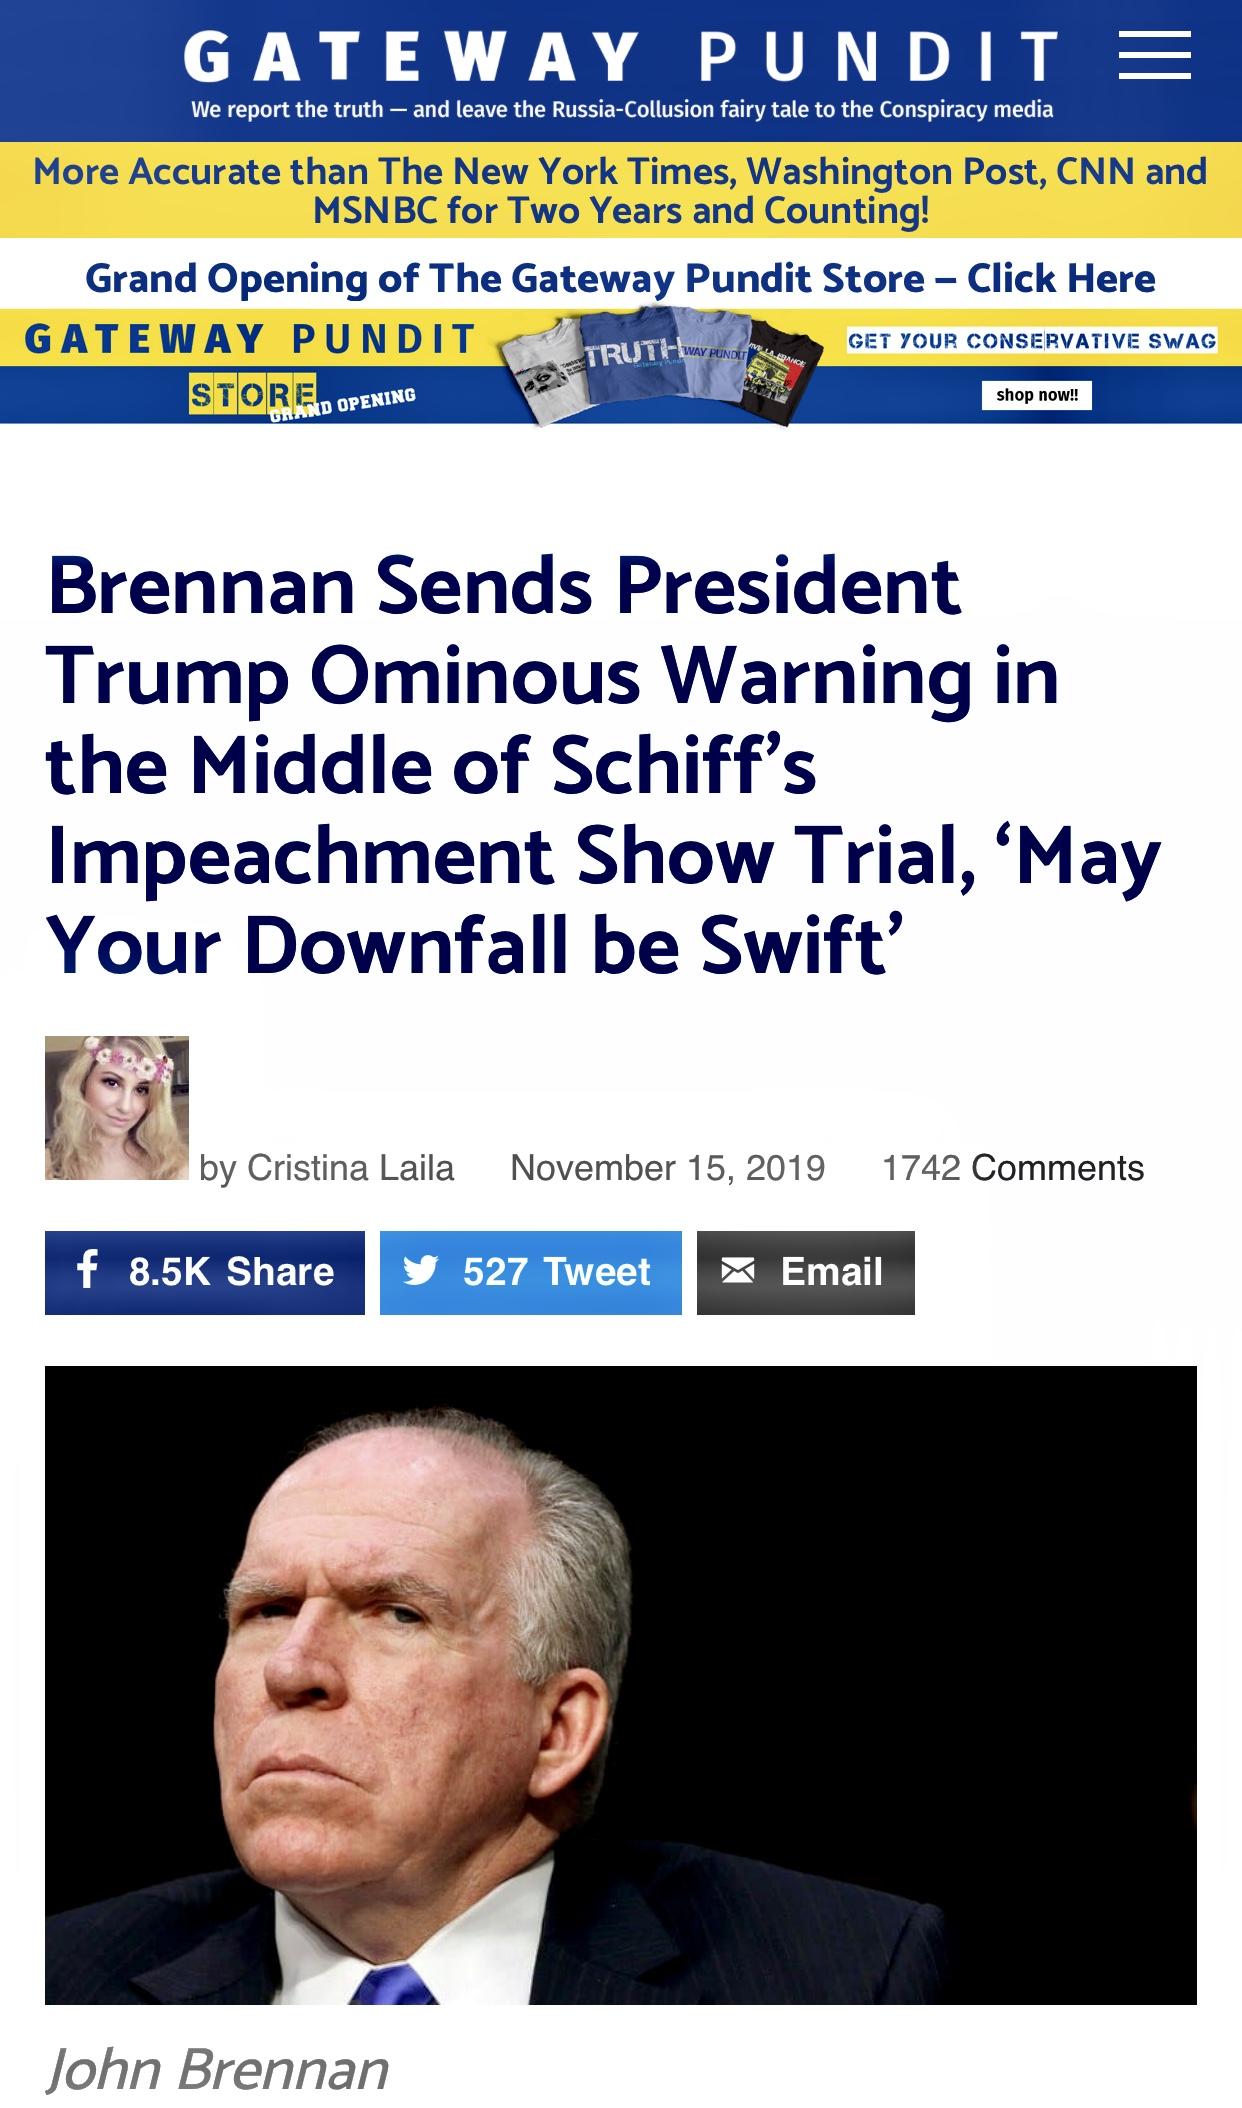 Brennan Sends President Trump Ominous Warning (Threat)